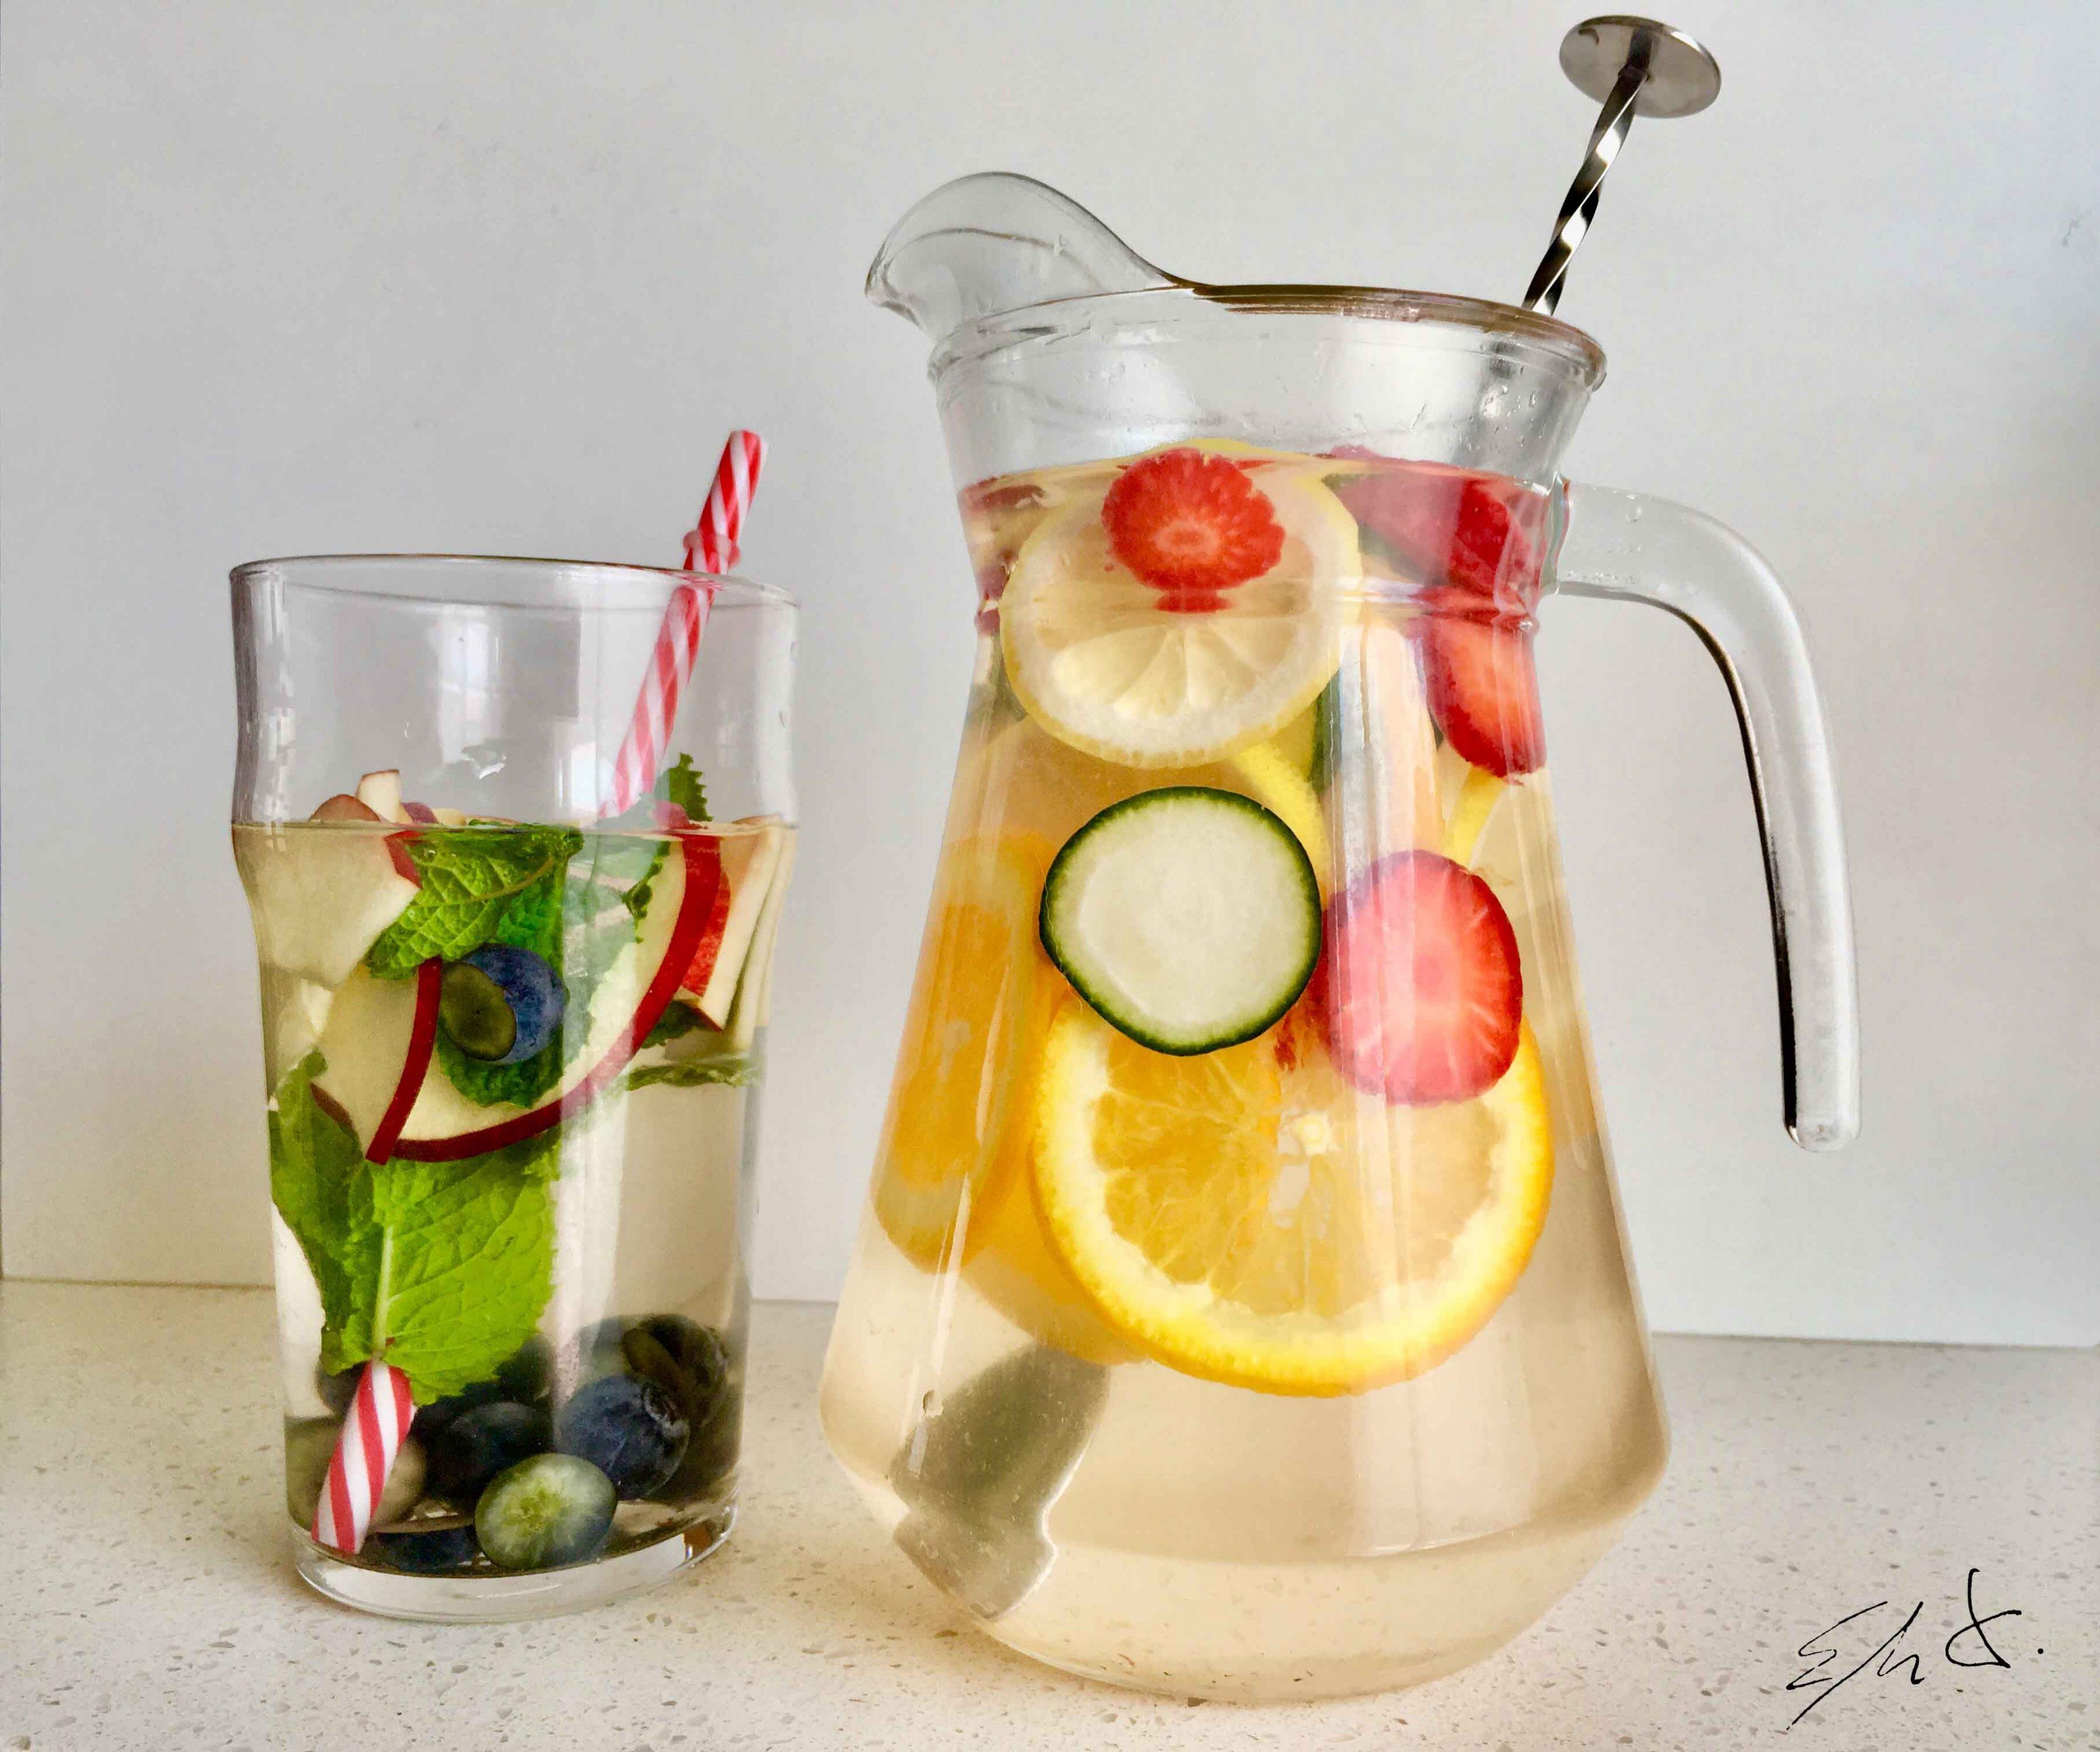 Agua de sabor 0 calorias